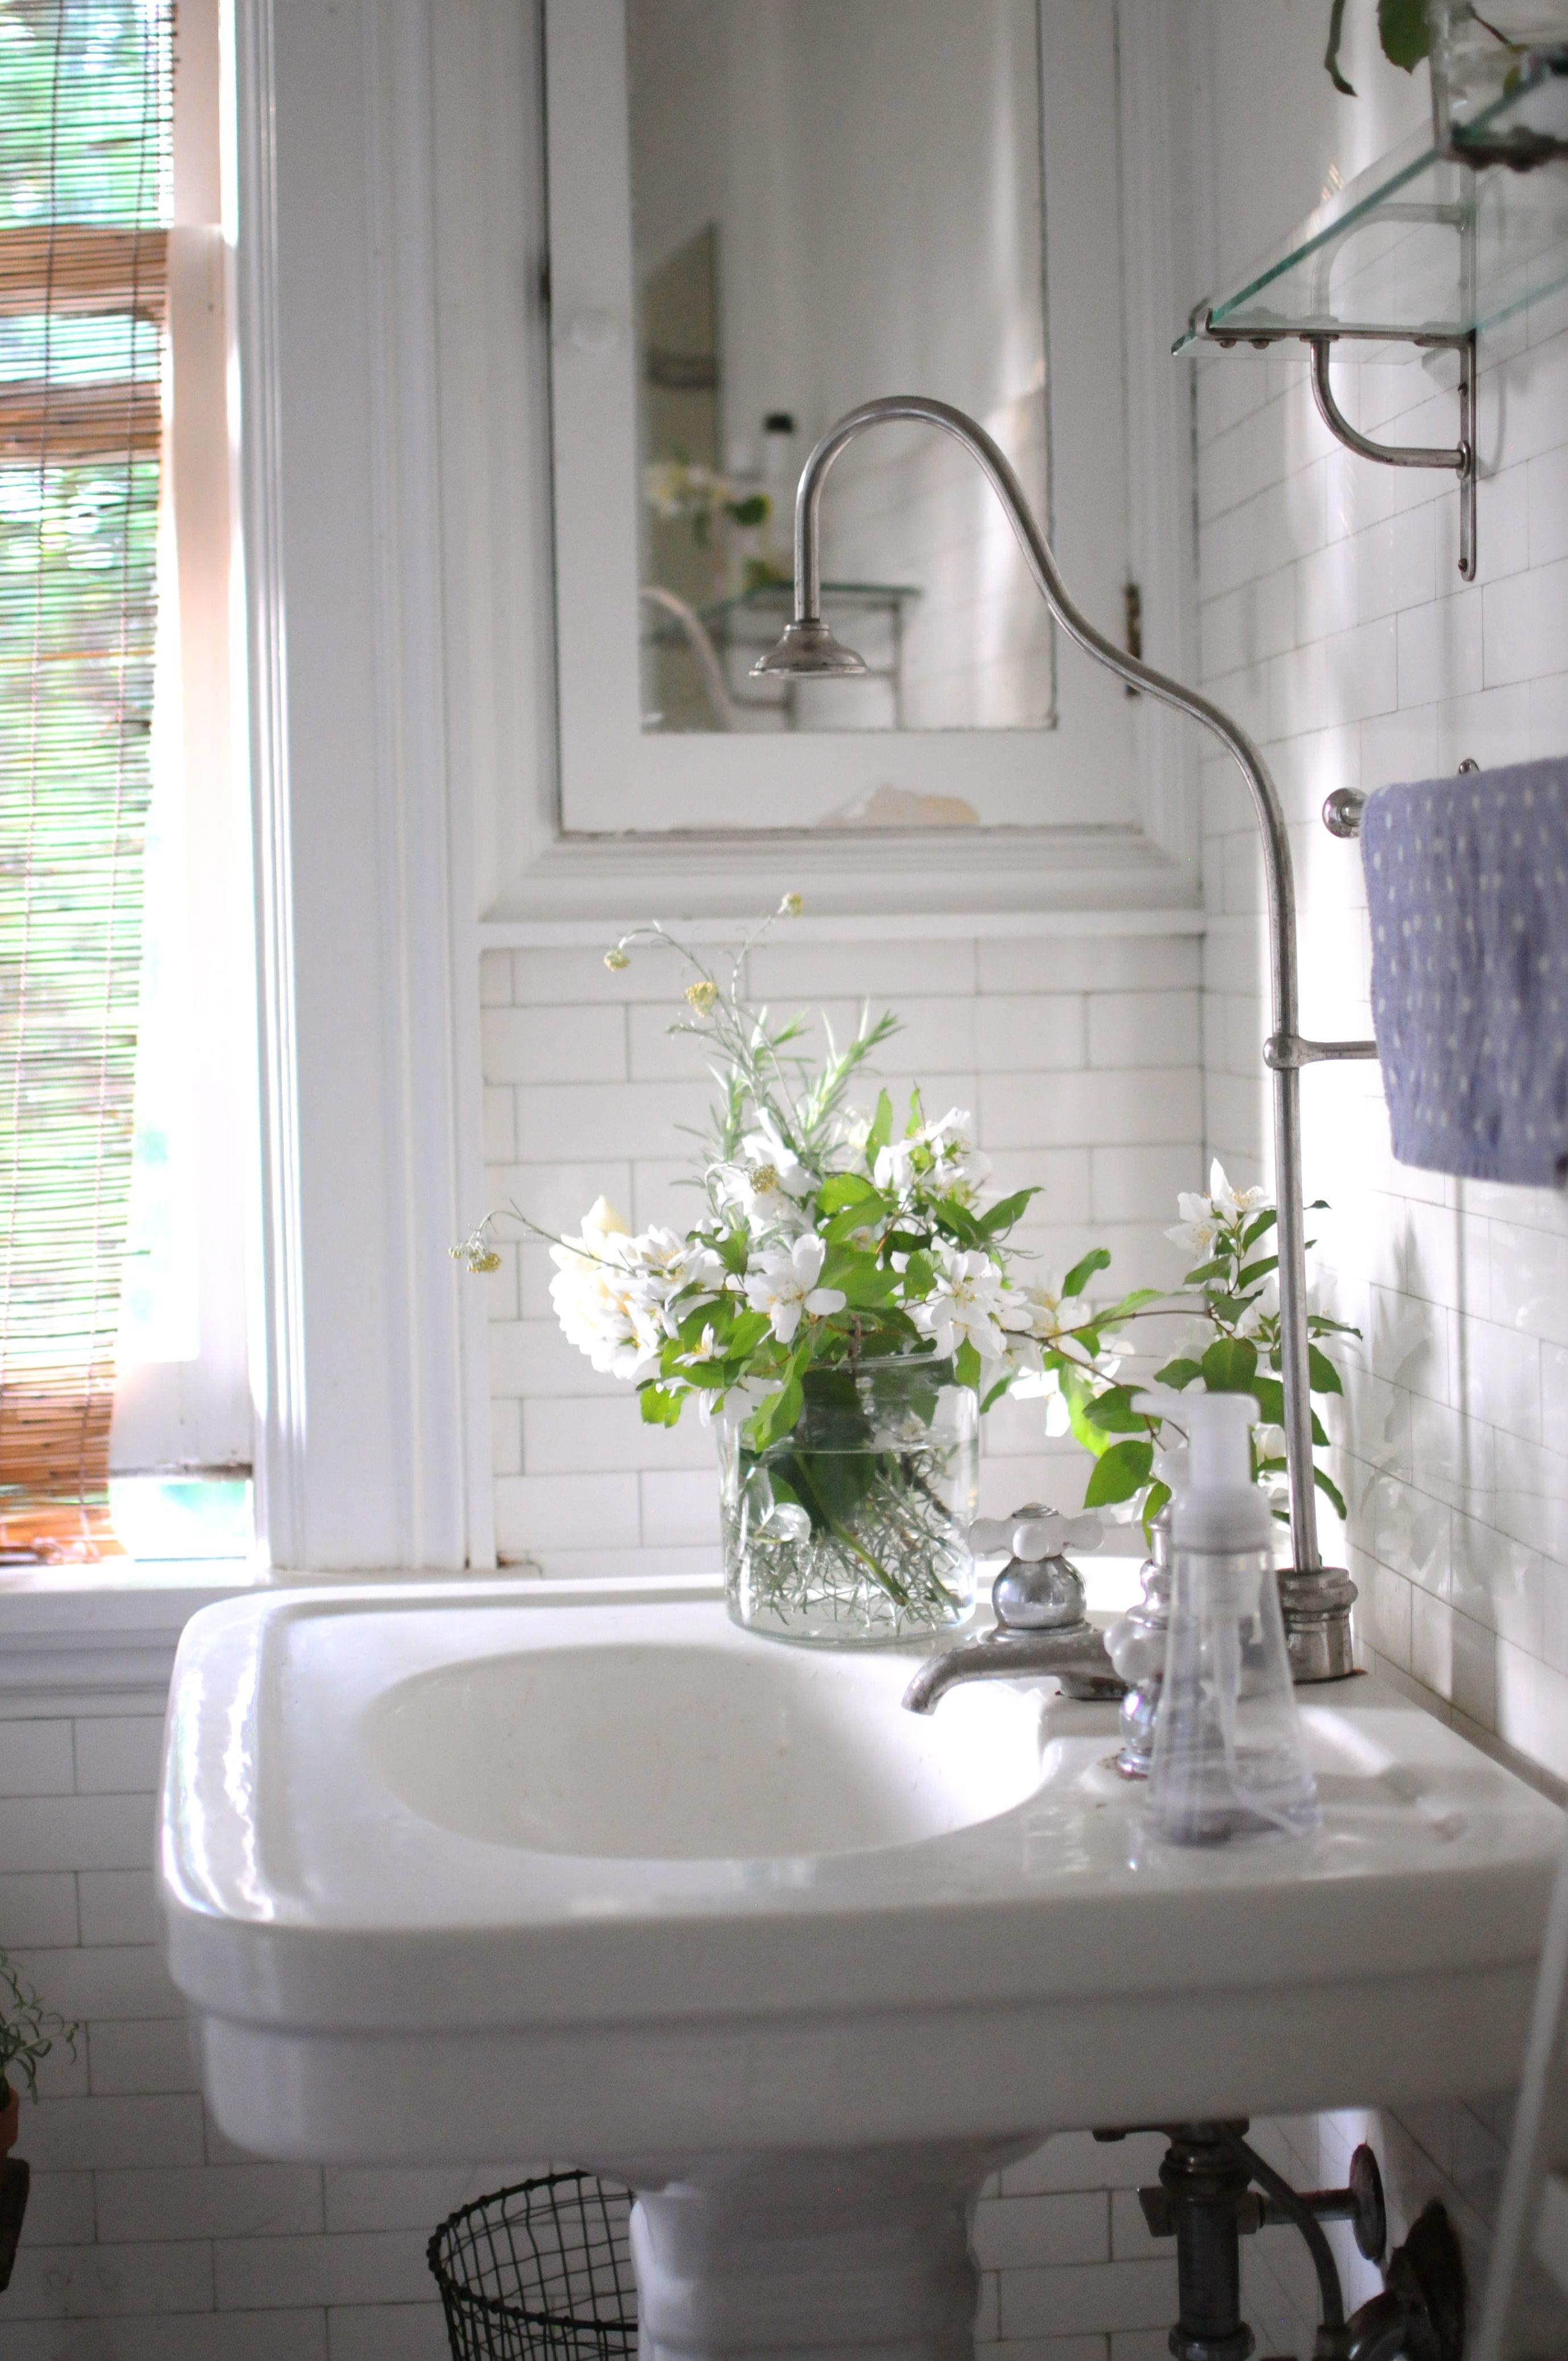 Bathroom sink vanity faucet | Bathroom | Pinterest | Faucet, Sinks ...